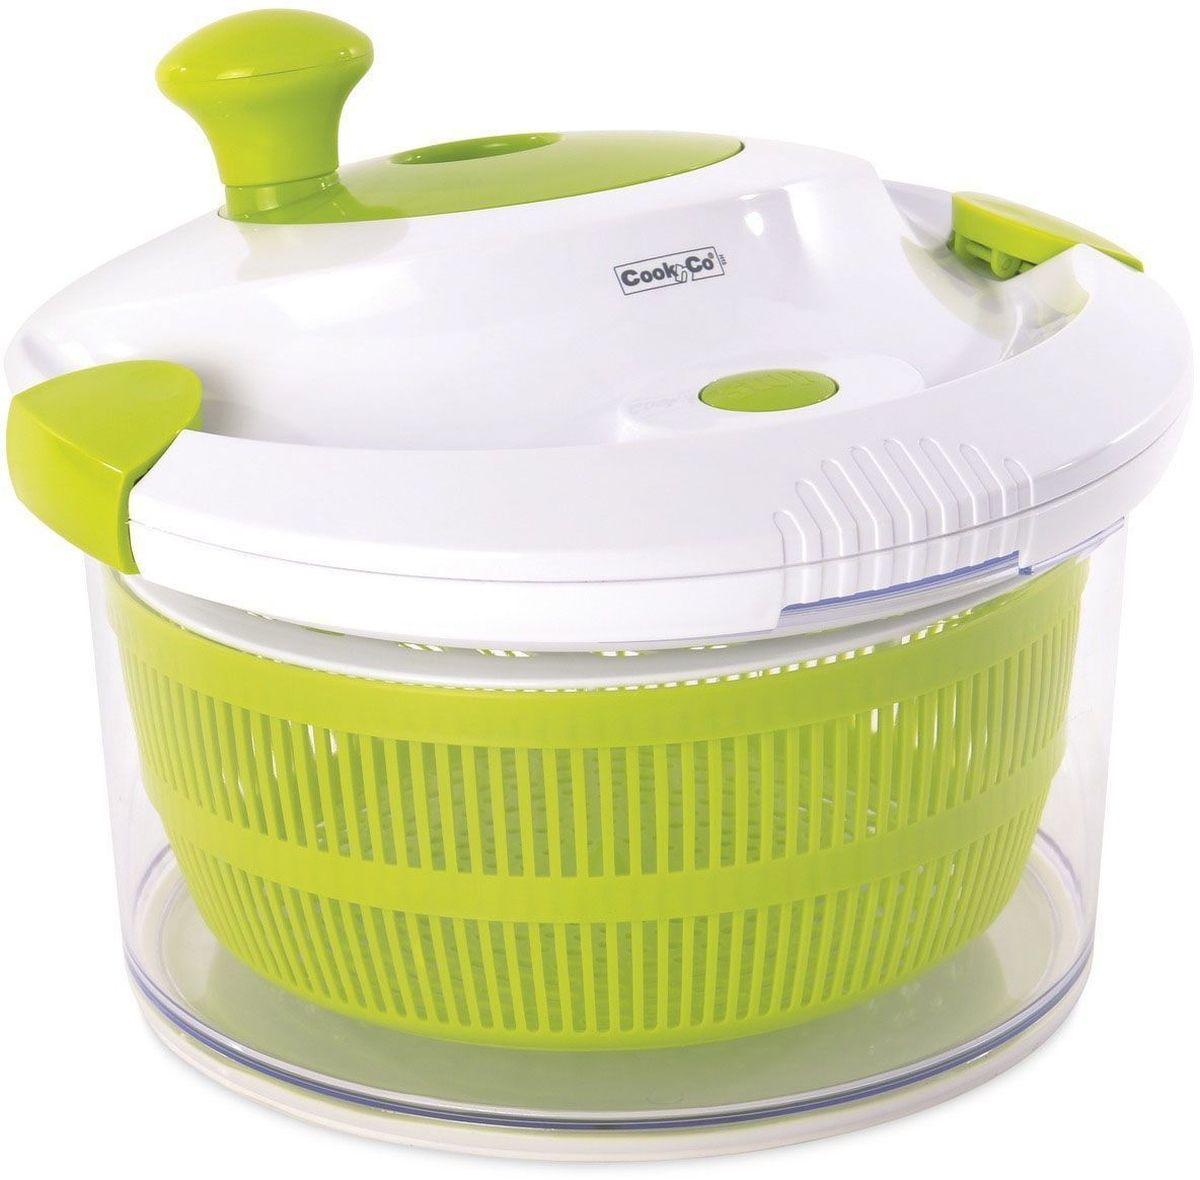 Сушилка для салата. 2800122115510Подходит для мытья и сушки салатной зелени, фруктов и овощей. Легко вращающаяся ручка. Зажимы на крышке обеспечивают безопасную сушку. Прозрачное основание может быть использовано для сервировки. Кнопка быстрой остановки . Миска 4,7 л. Имеет нескользящее основание. Подходит для мытья в посудомоечной машине.